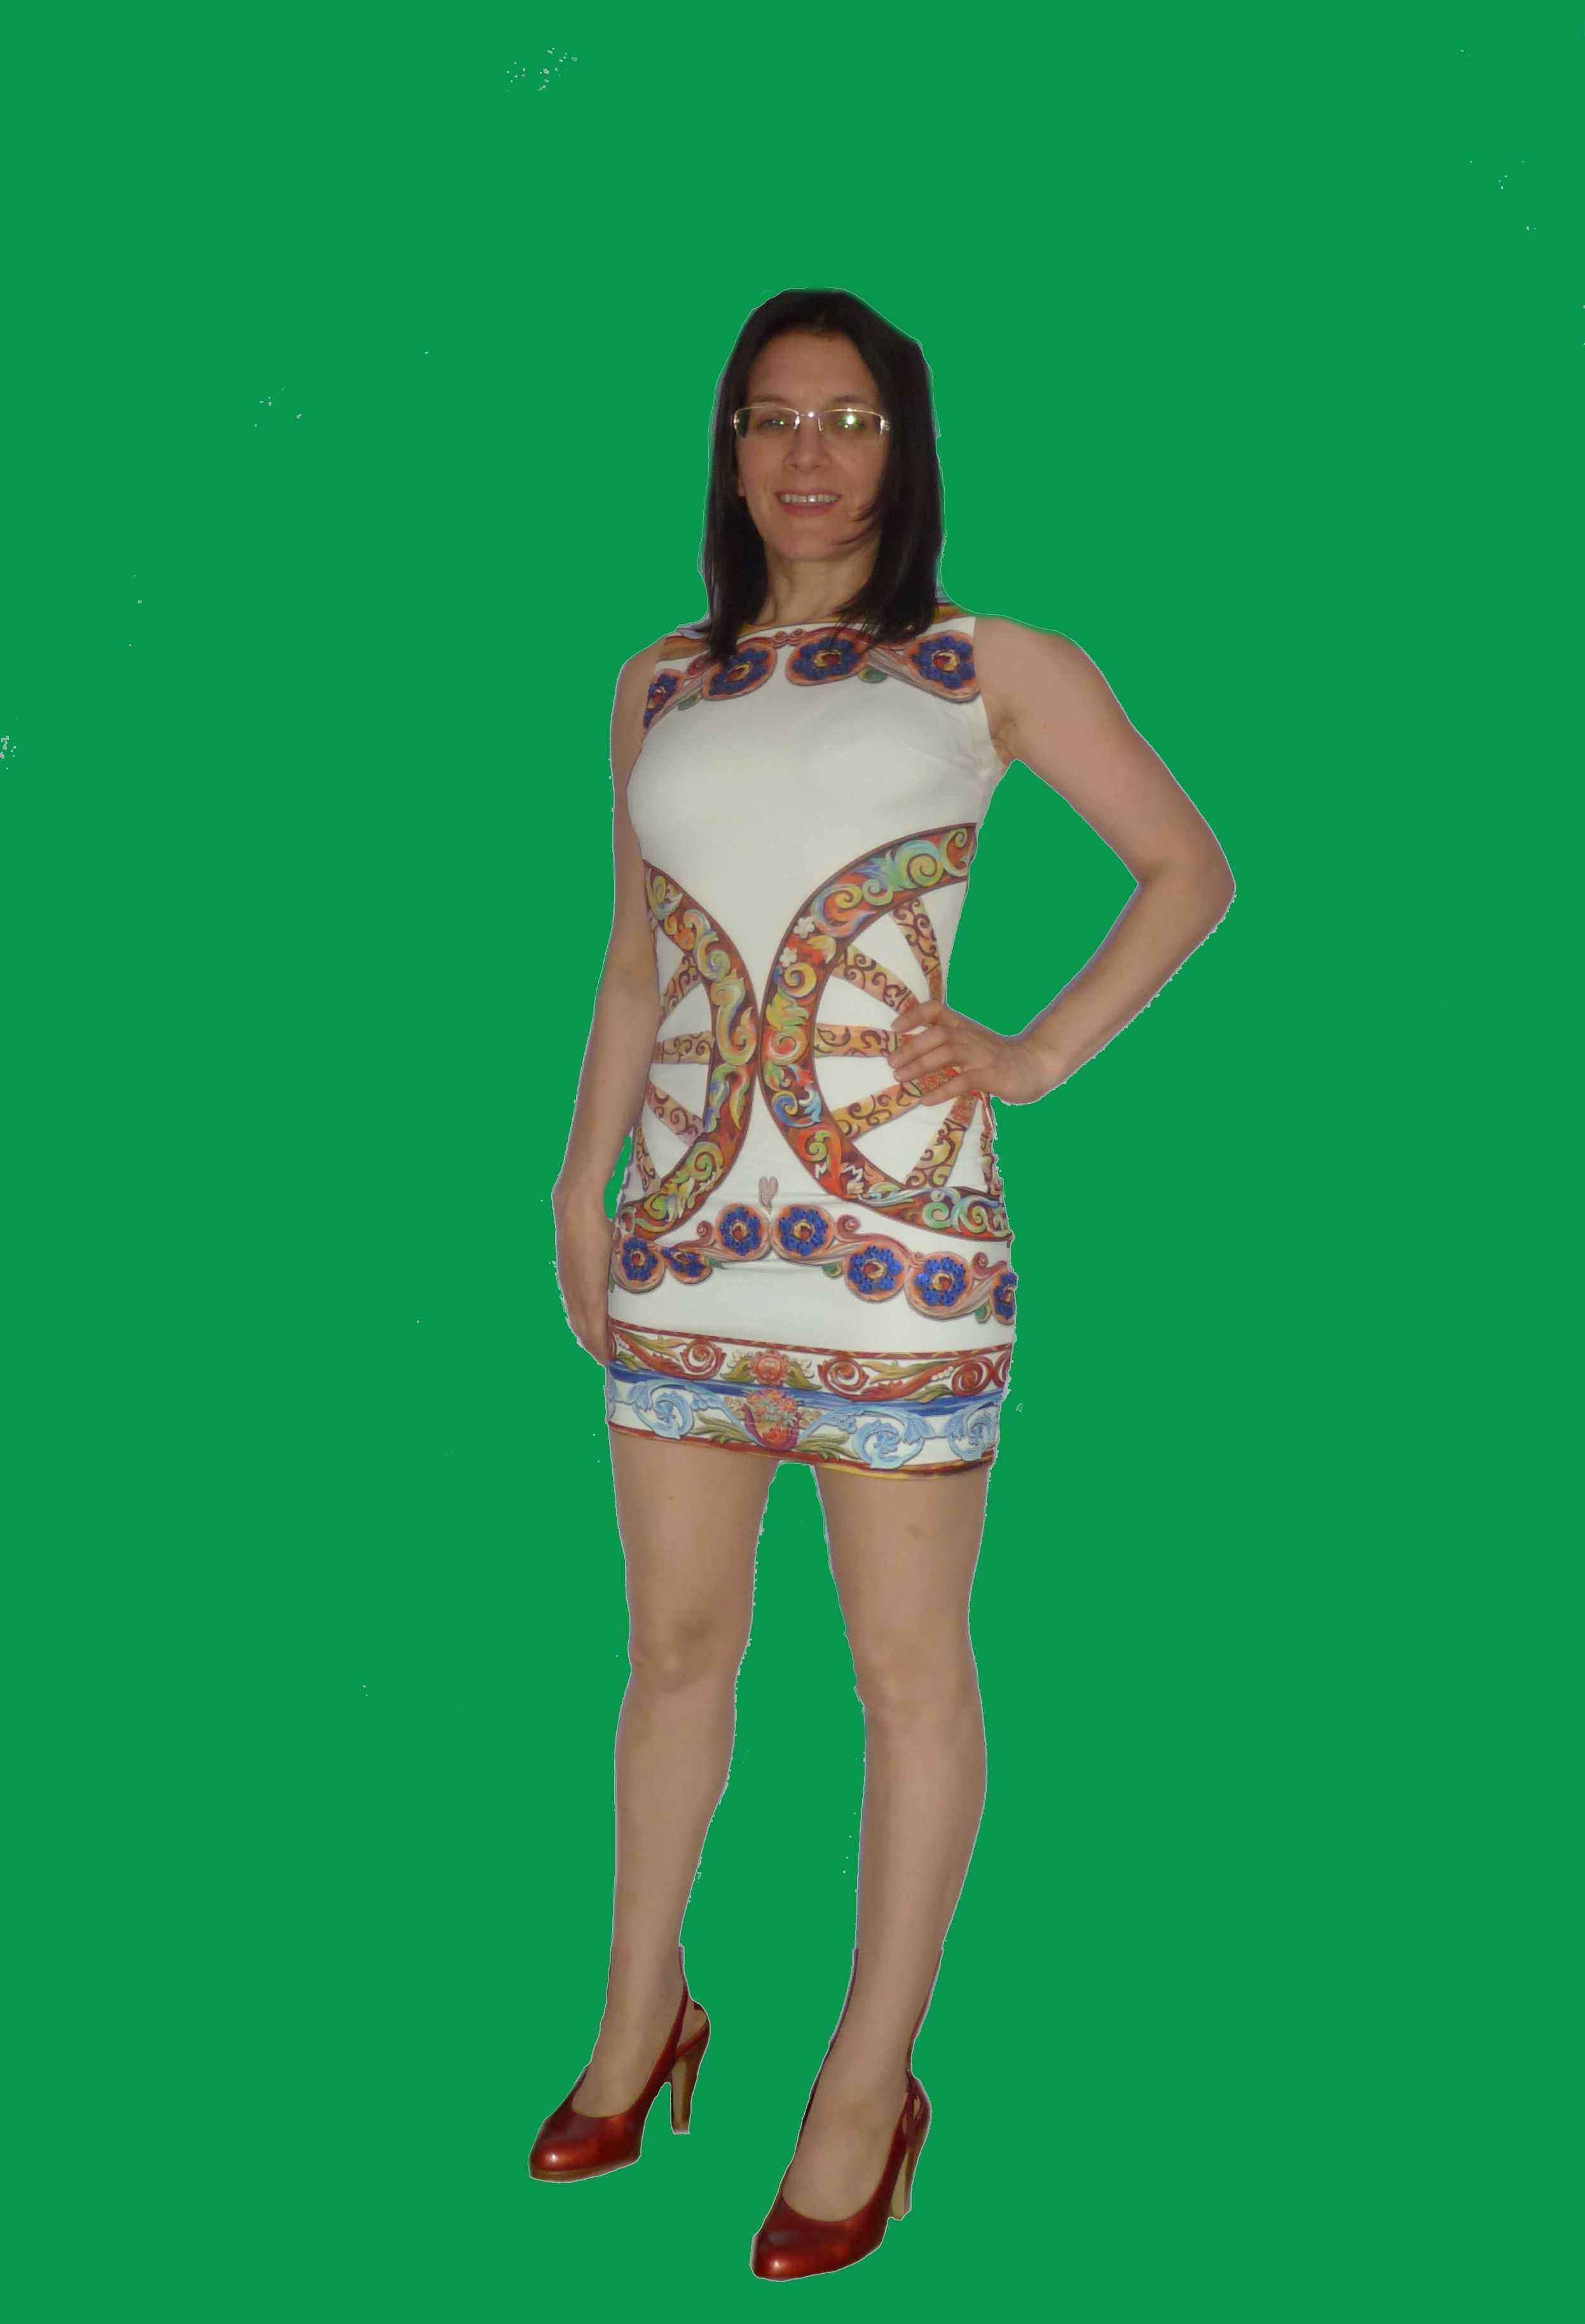 Event Companion photo Debra wearing mini-dress